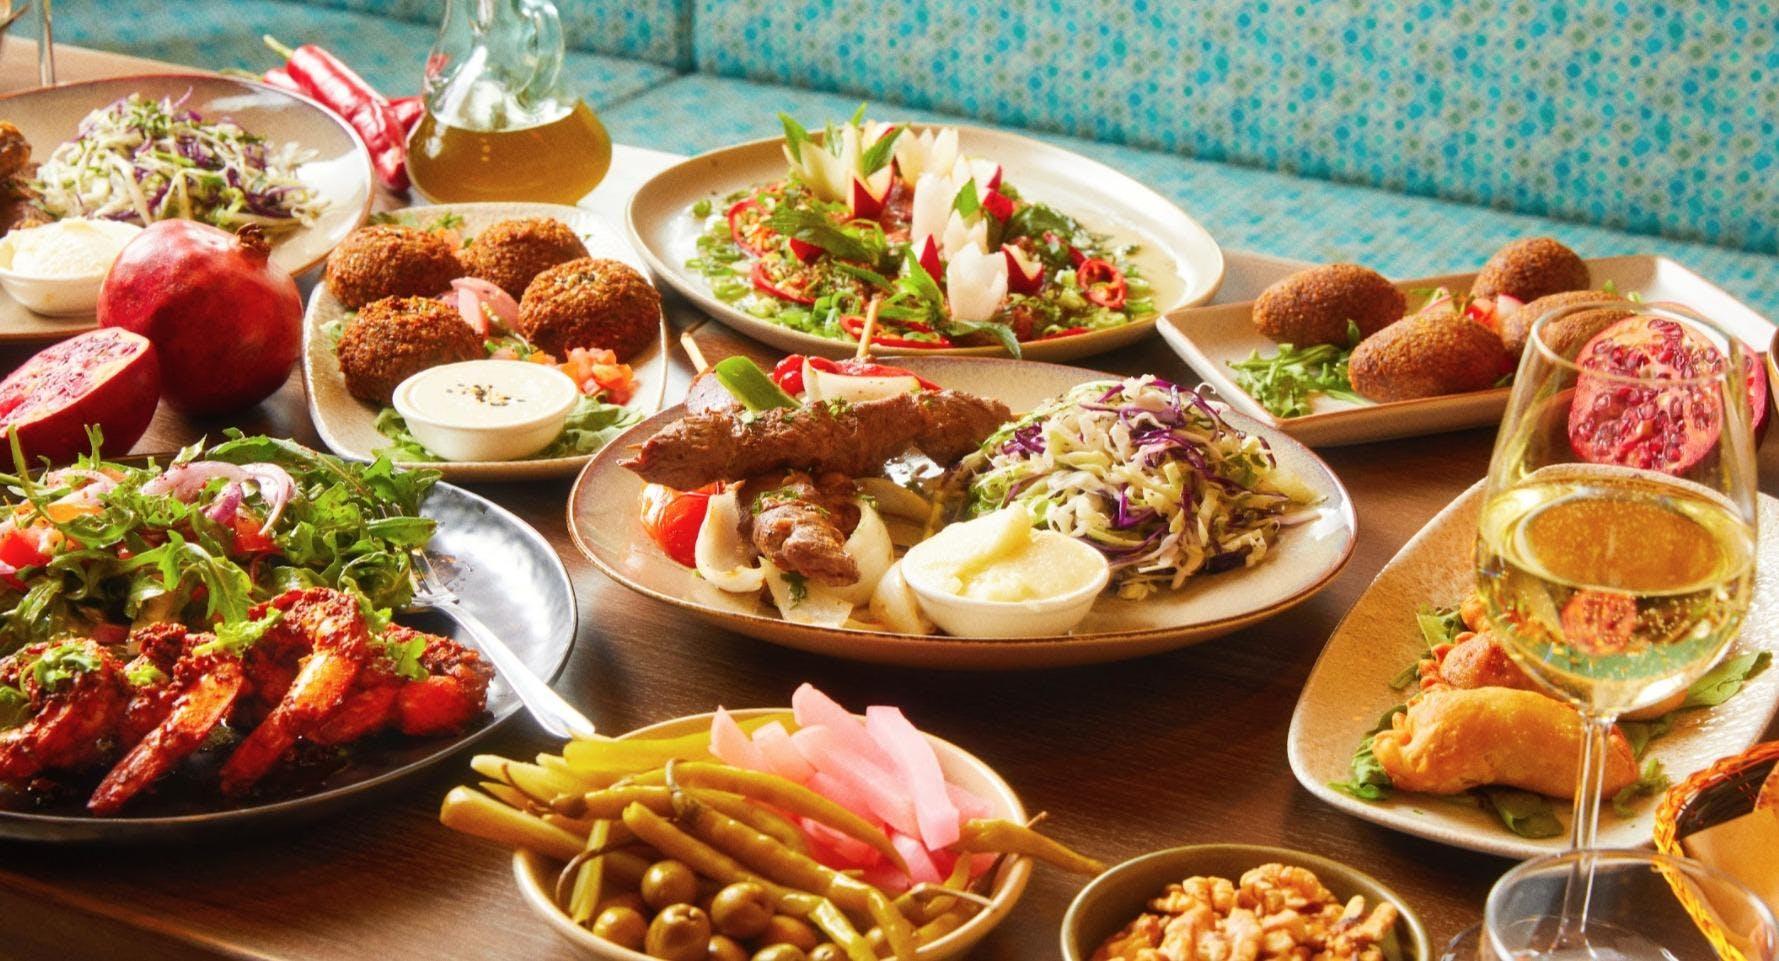 Photo of restaurant Baba Ghanouj - Kirrawee in Kirrawee, Sydney